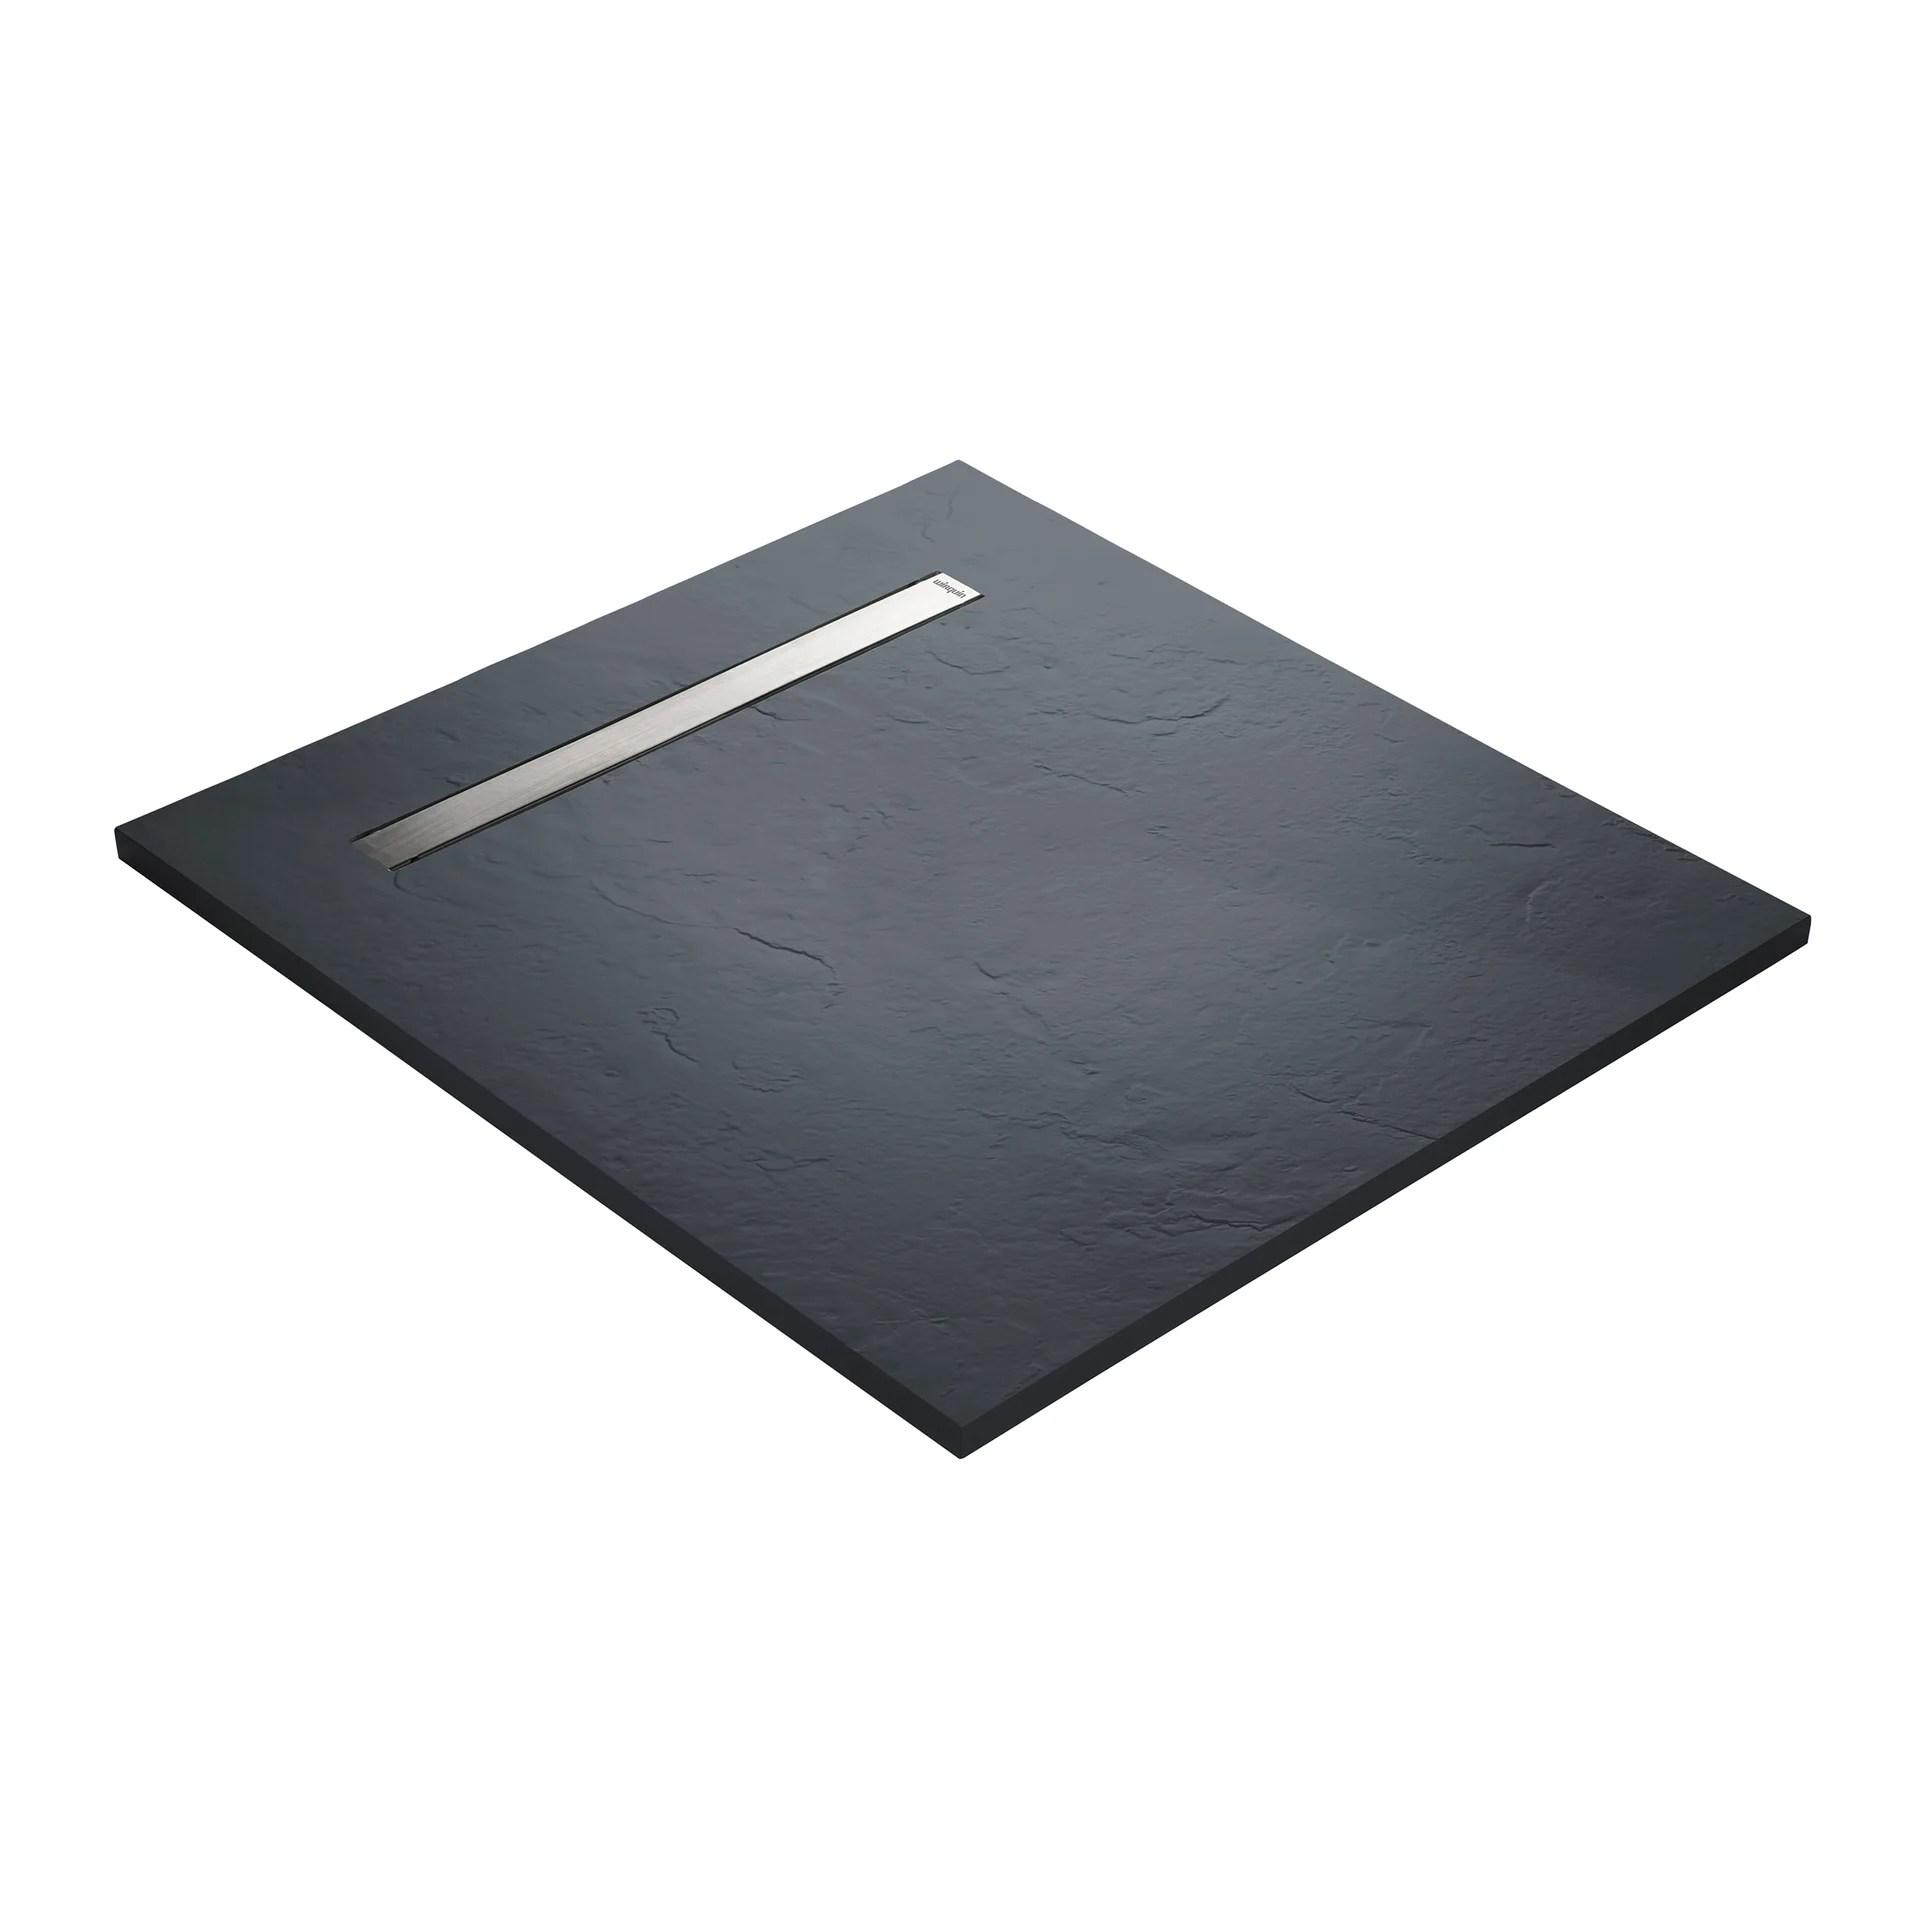 receveur douche extra plat caniveau inox resine gris 90 x 90